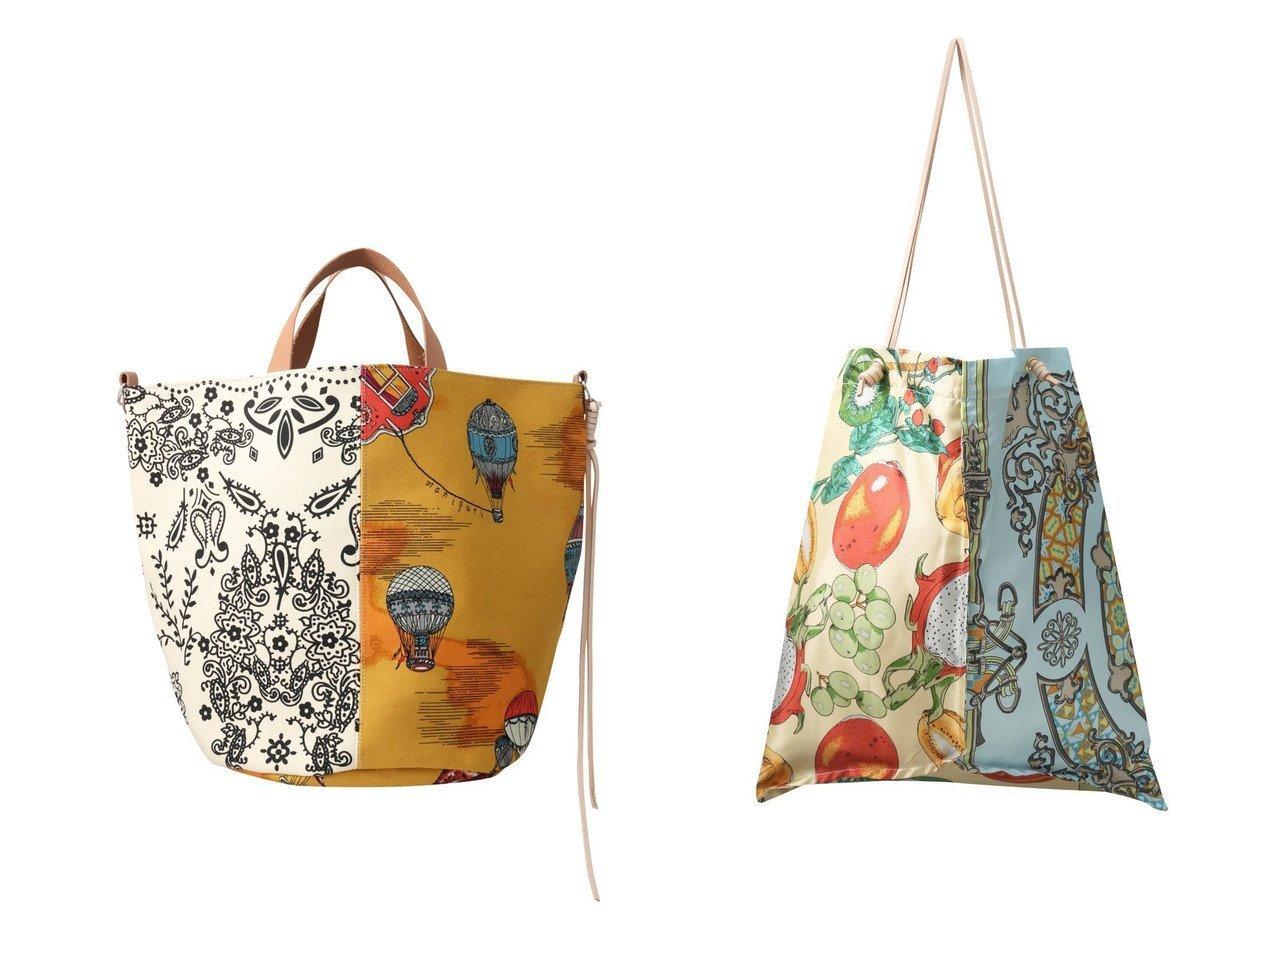 【manipuri/マニプリ】のバケツトートバッグ M&スカーフトートバッグ L 【バッグ・鞄】おすすめ!人気、トレンド・レディースファッションの通販 おすすめで人気の流行・トレンド、ファッションの通販商品 メンズファッション・キッズファッション・インテリア・家具・レディースファッション・服の通販 founy(ファニー) https://founy.com/ ファッション Fashion レディースファッション WOMEN バッグ Bag スカーフ ドッキング フォルム バケツ リボン  ID:crp329100000030207